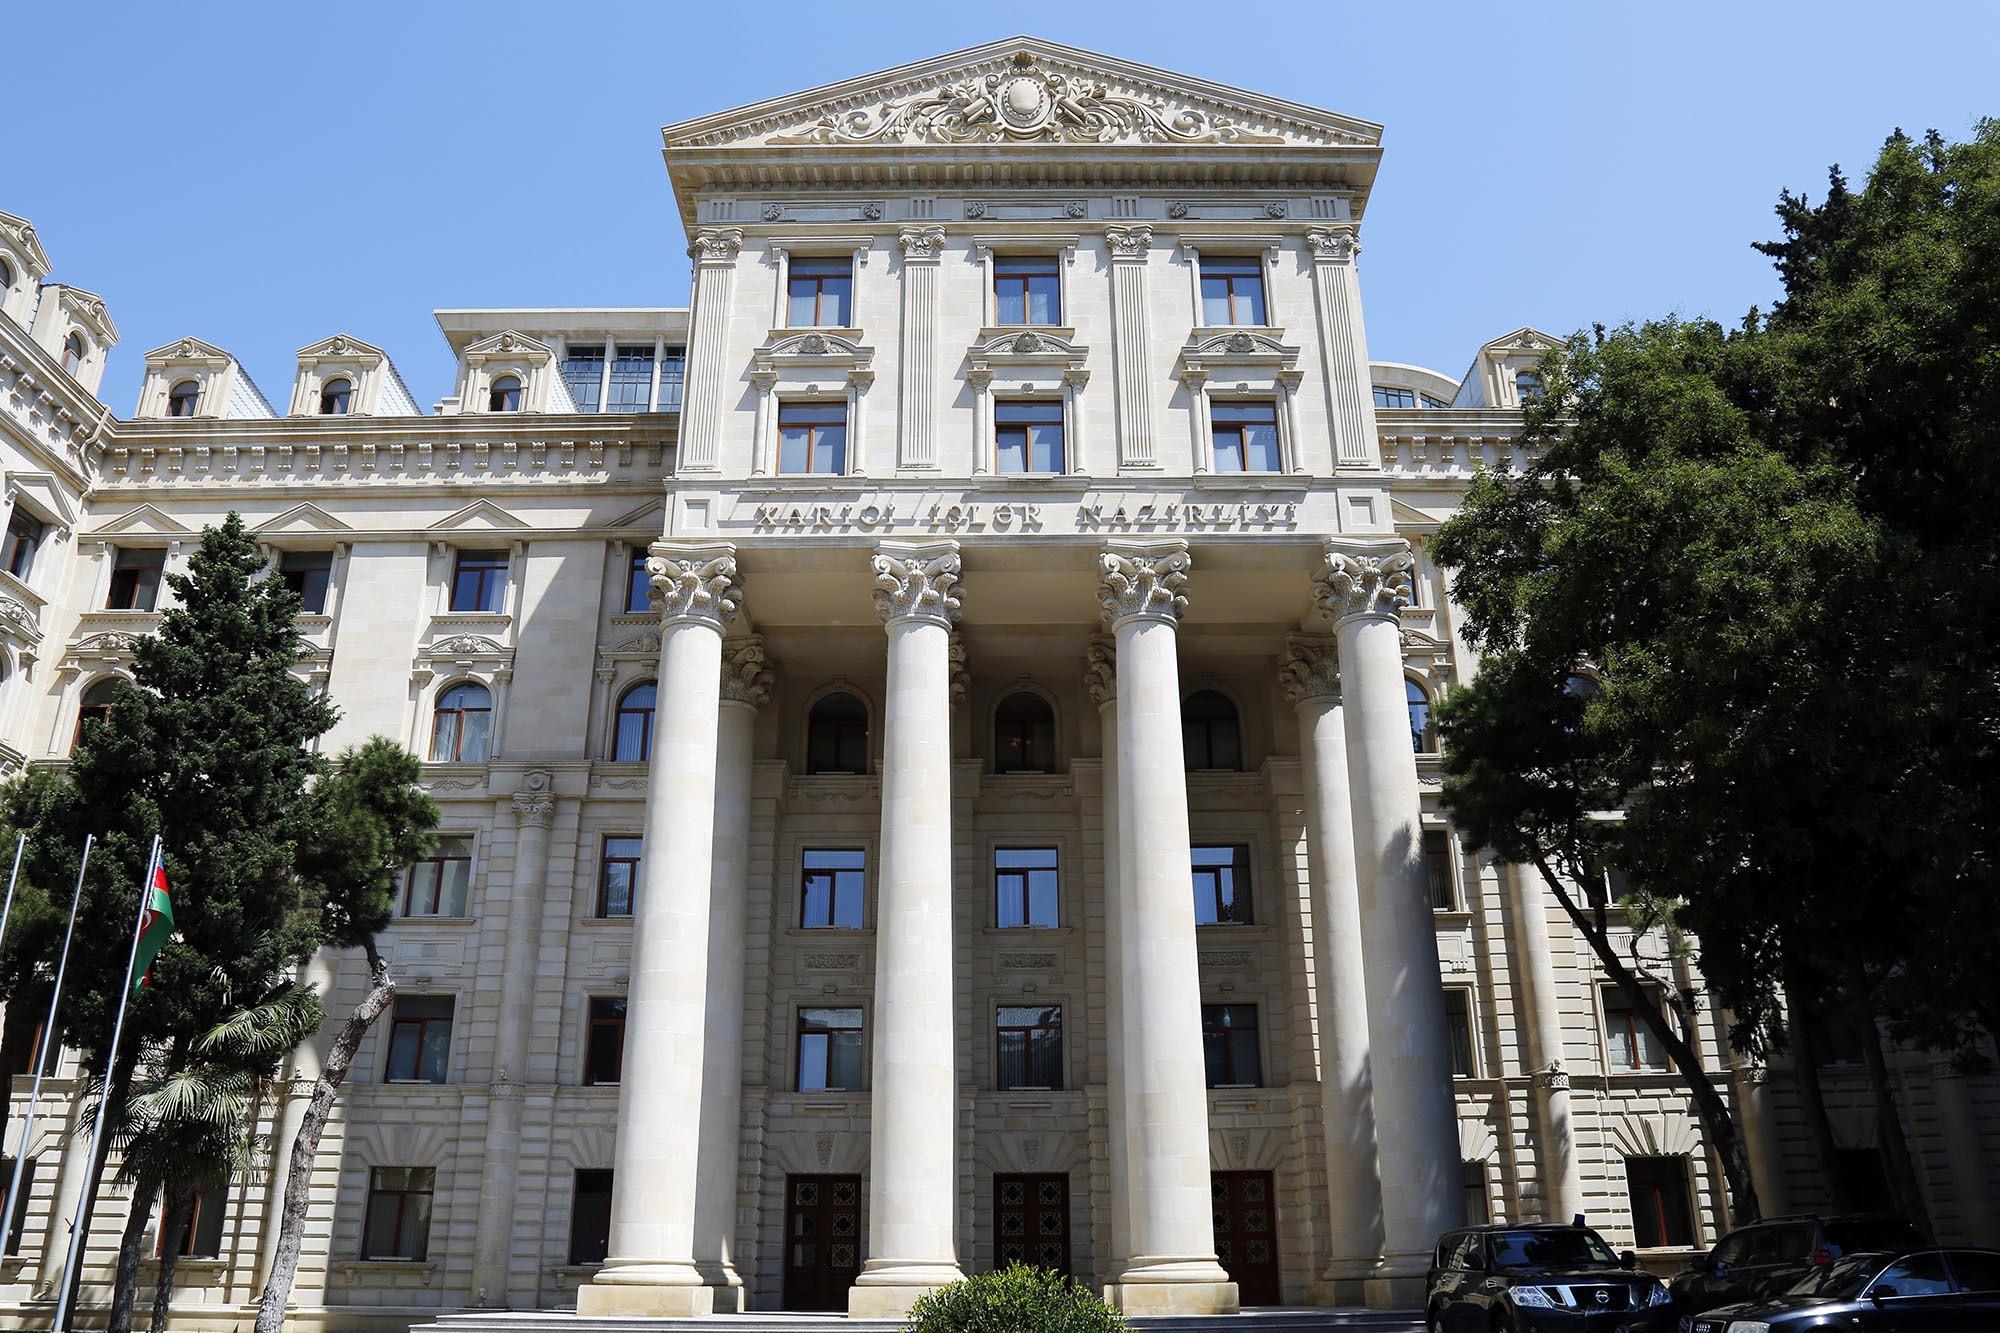 МИД Азербайджана: Фахраддин Алиев, предположительно совершивший самоубийство в Стамбуле, не является сотрудником МИД